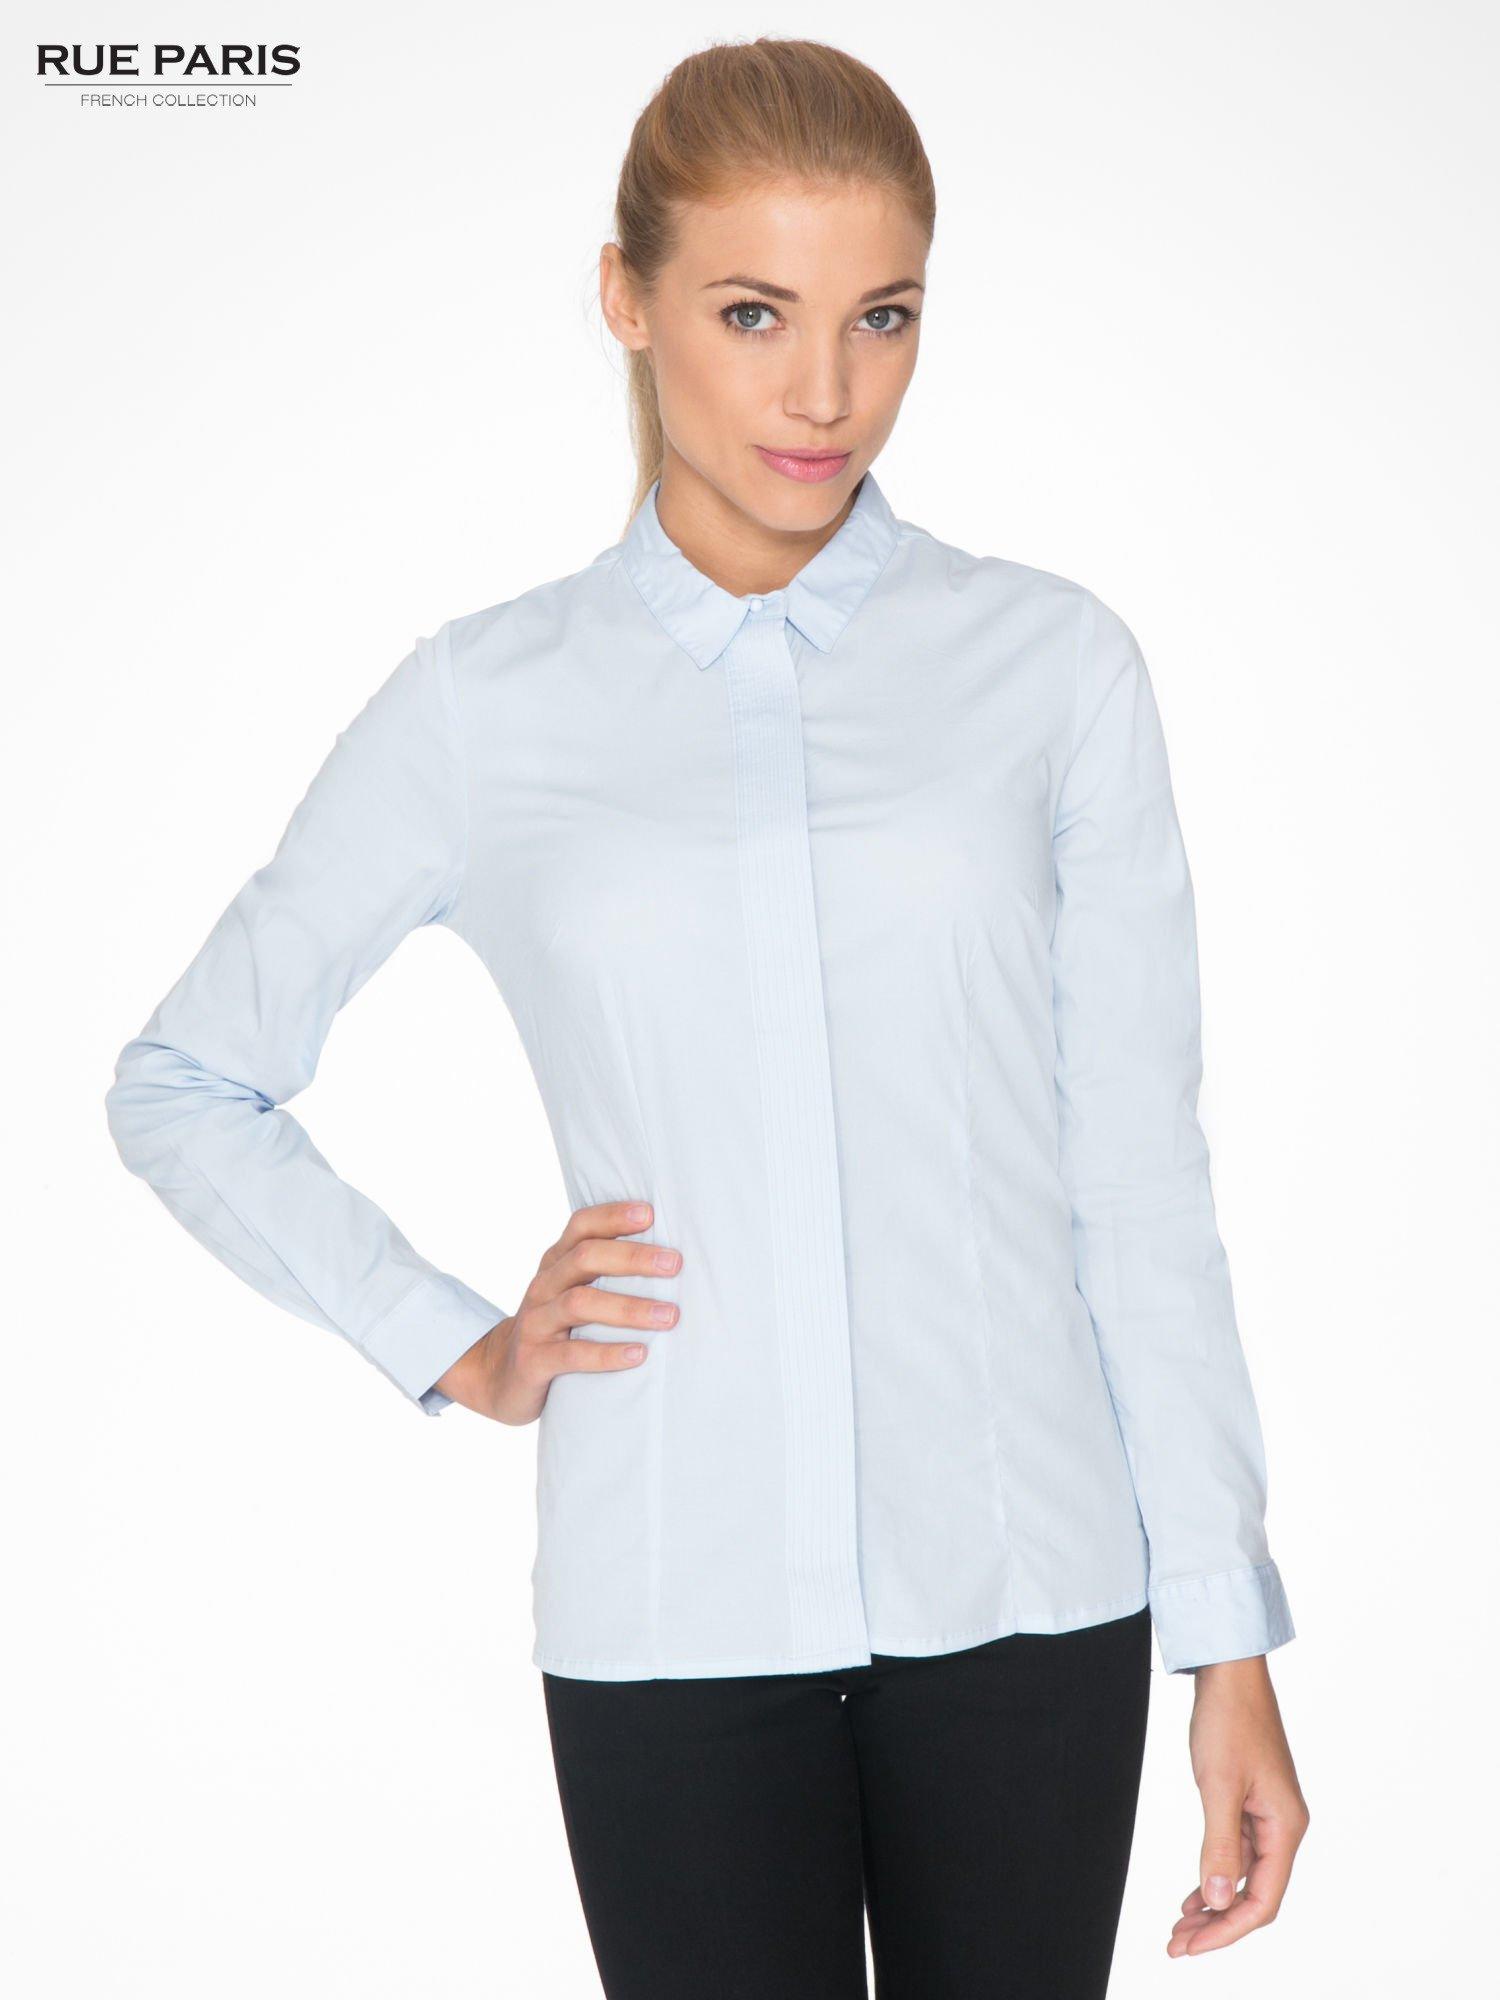 Jasnoniebieska koszula damska z ozdobną listwą                                  zdj.                                  1